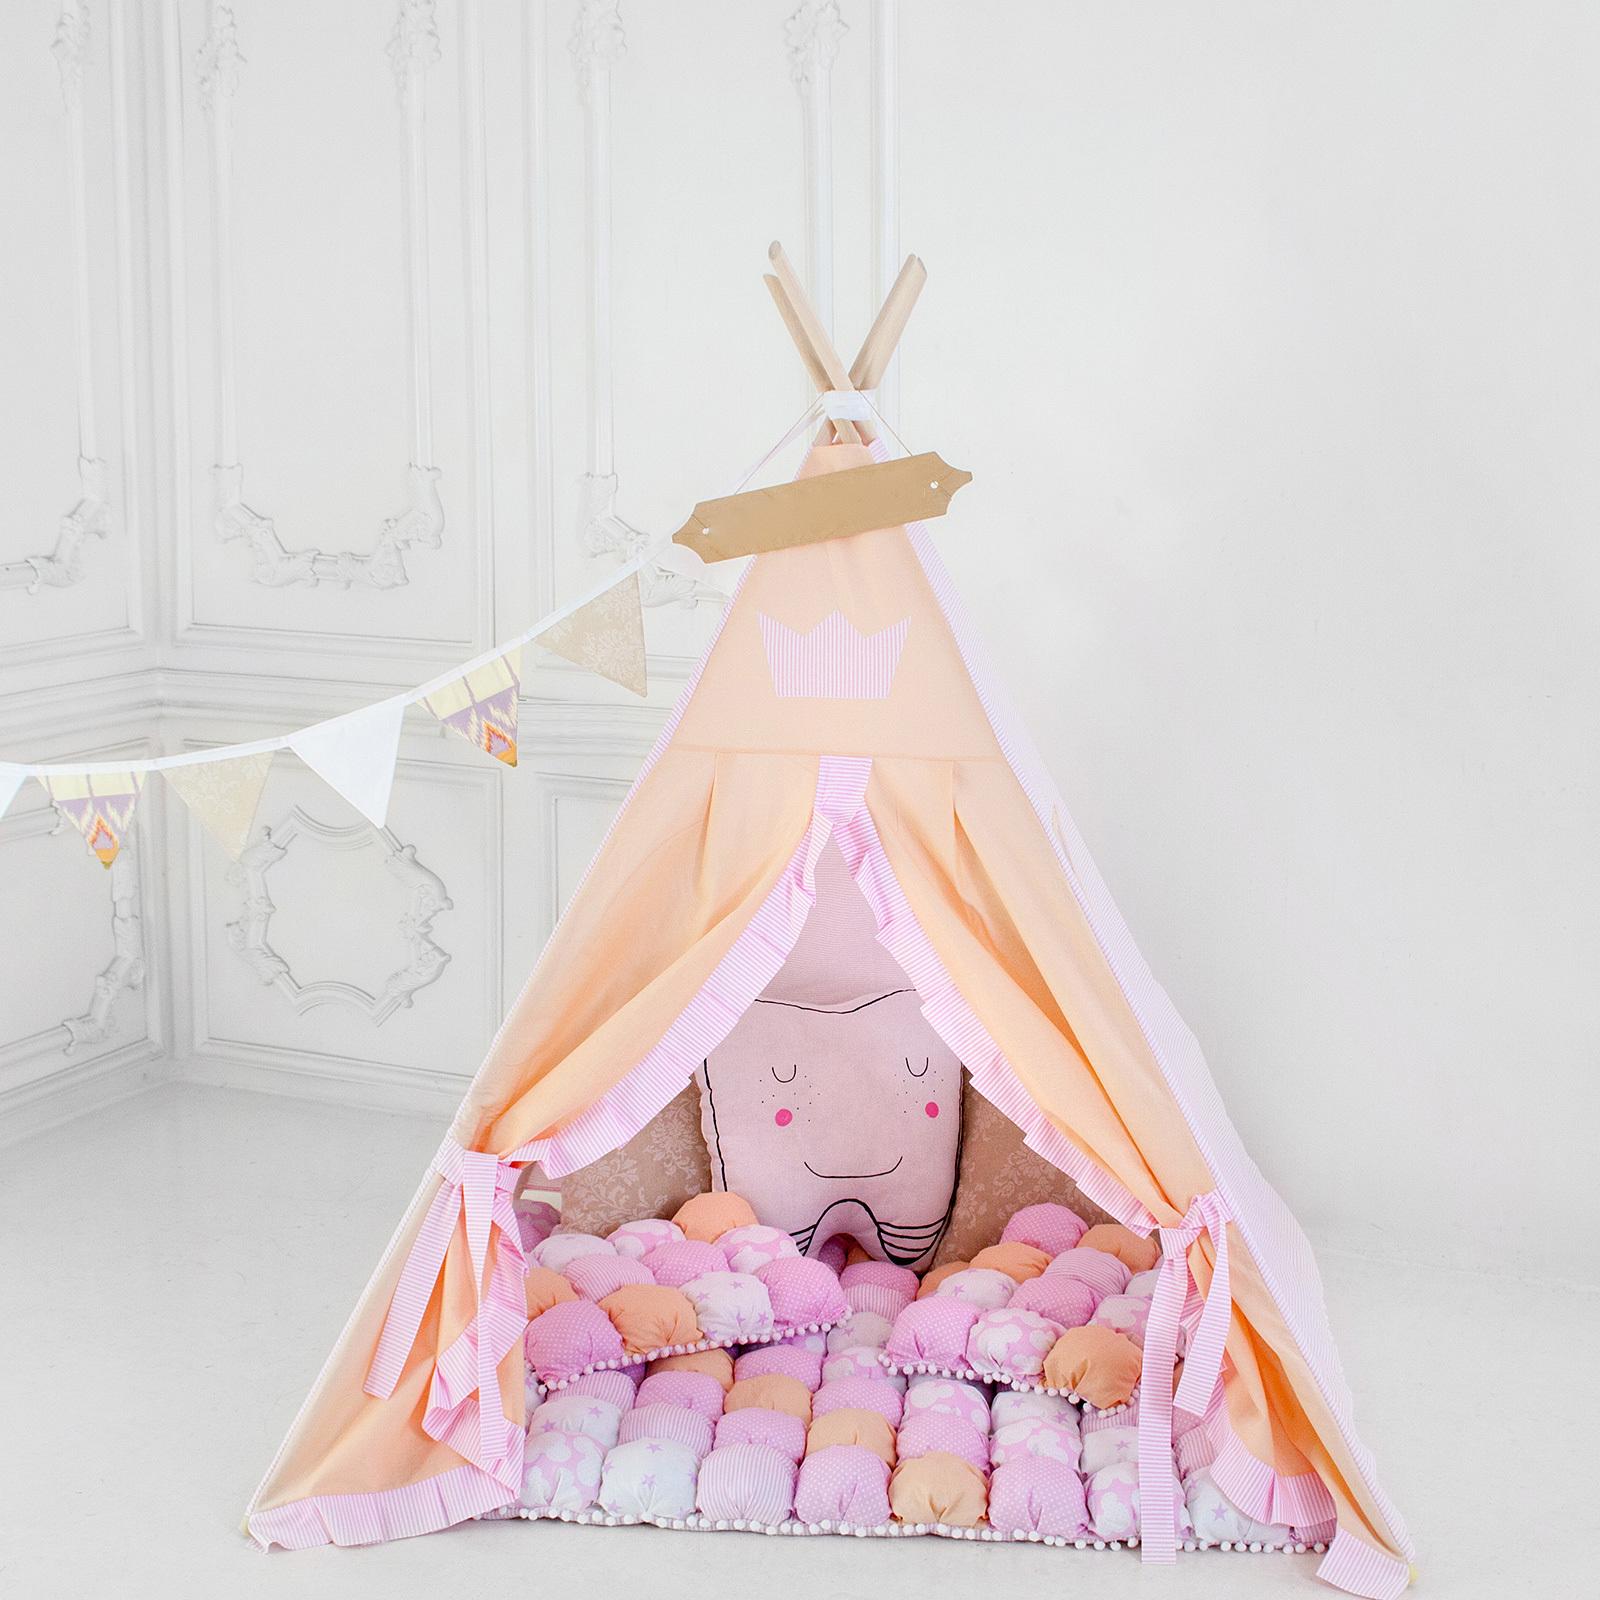 """Палатка ВигВам для детей """"Принцесса на горошине"""""""